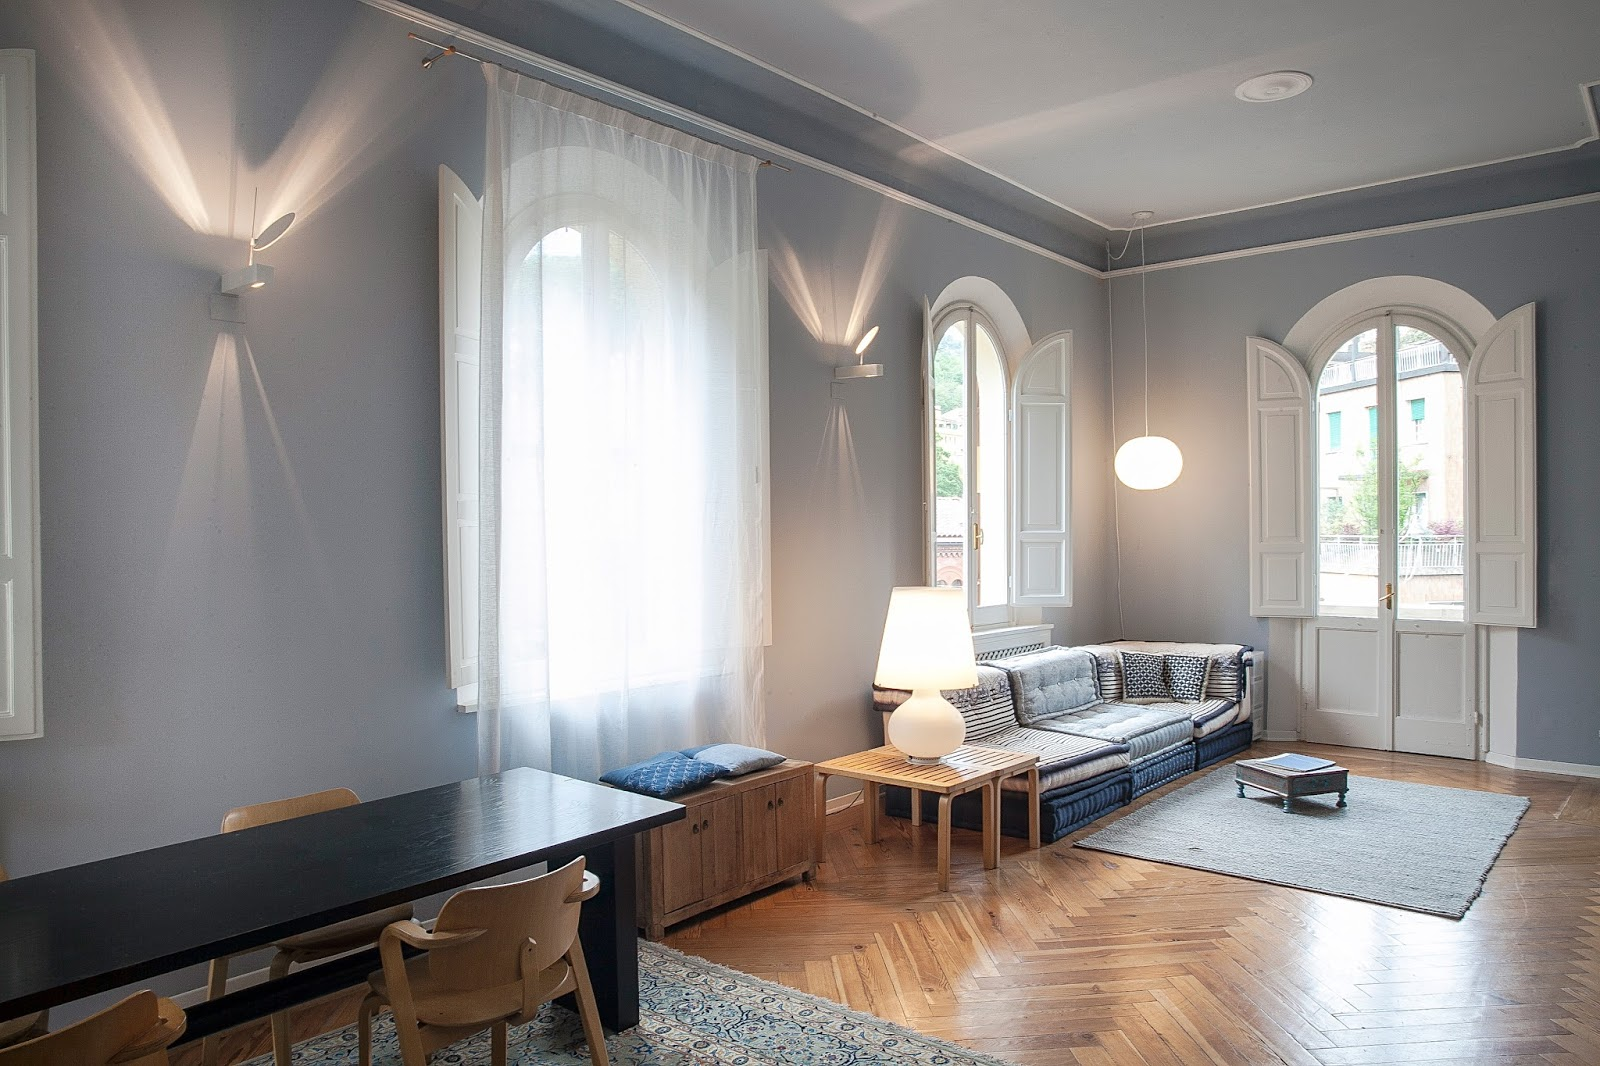 Abitazione in villa liberty ai piedi della collina bolognese by elisa manelli arc art blog by - Casa stile liberty ...